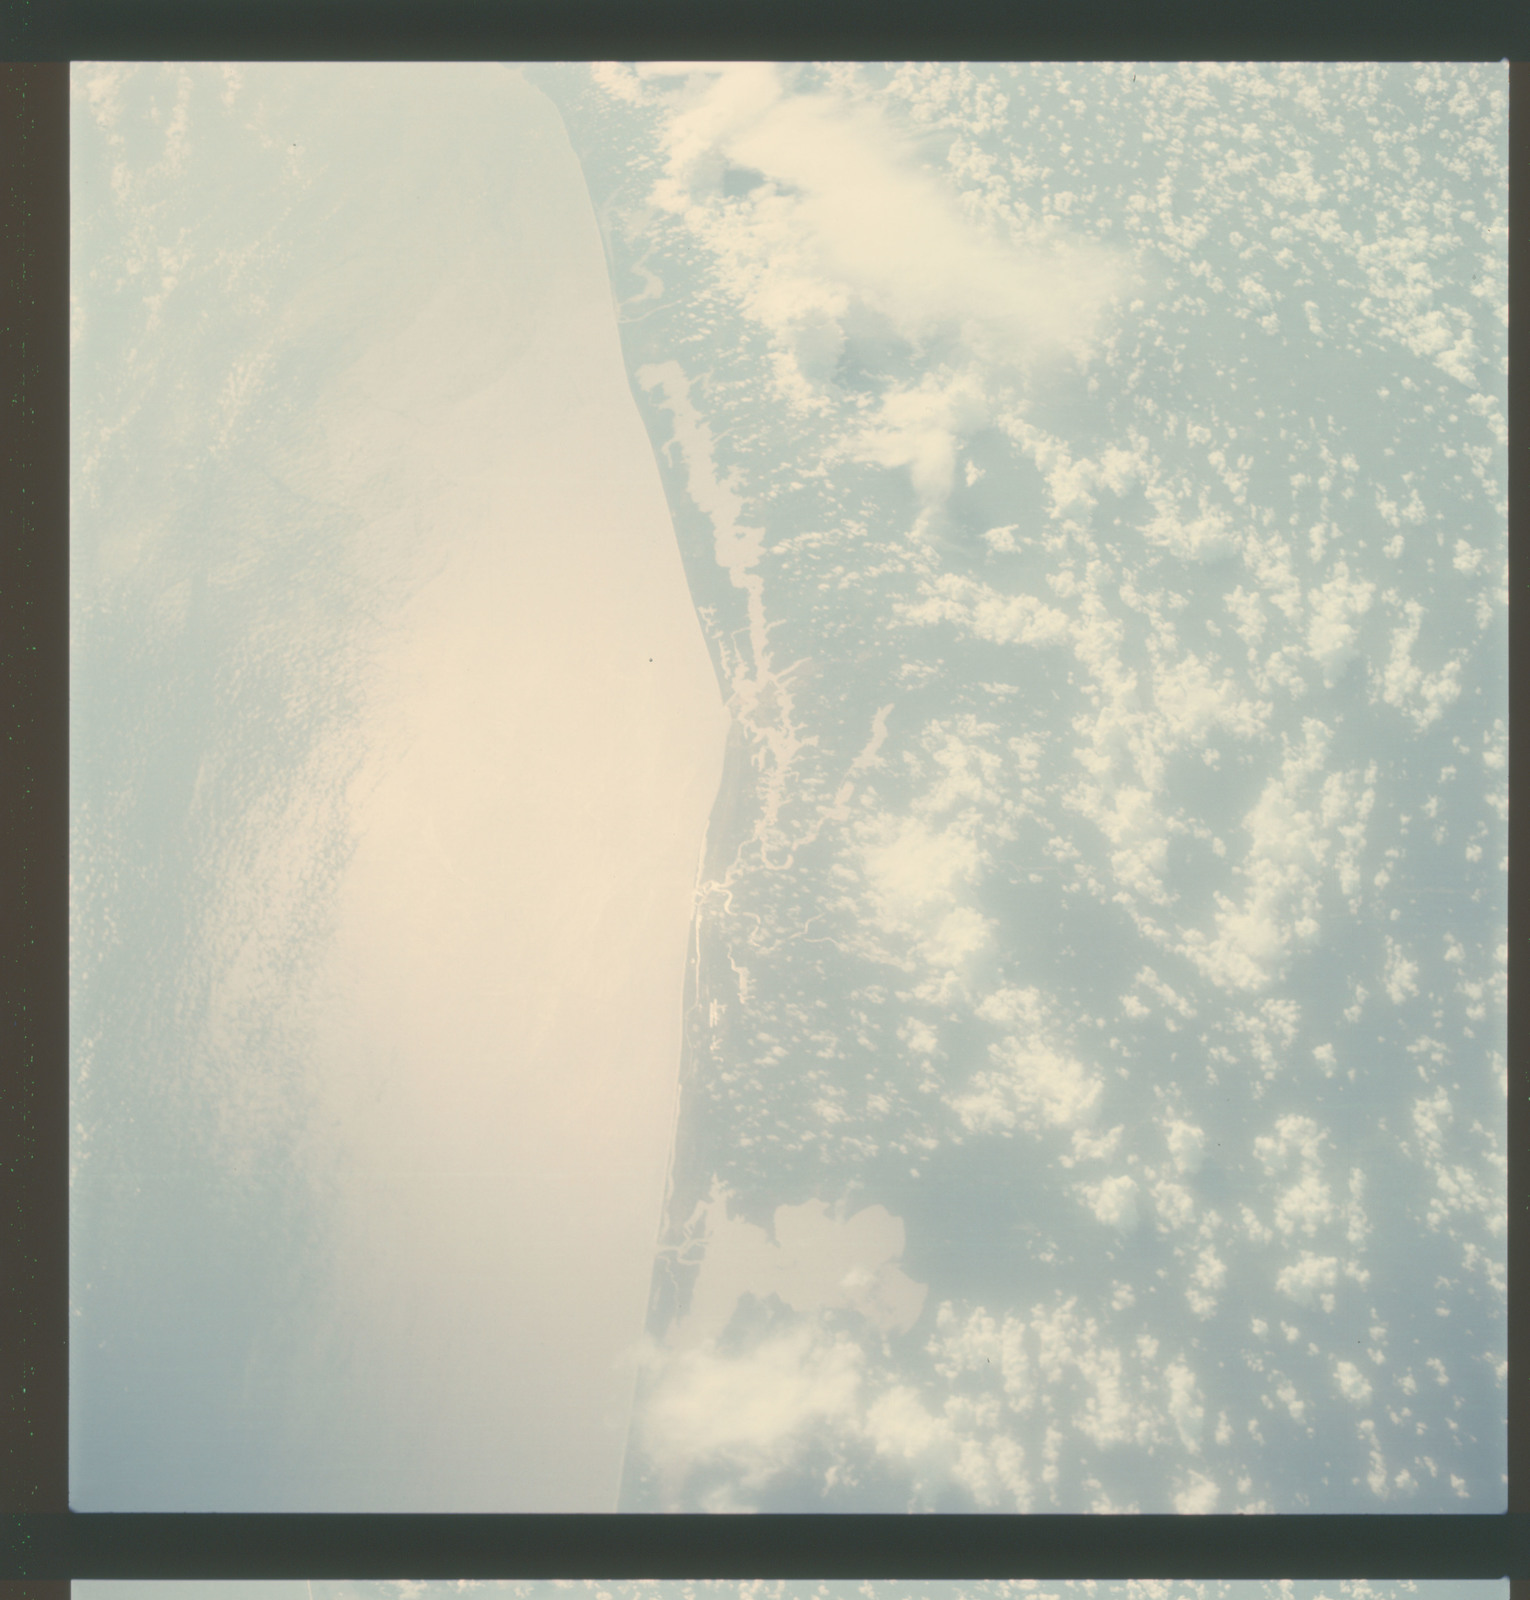 AS07-07-1783 - Apollo 7 - Apollo 7 Mission, Africa, Ghana